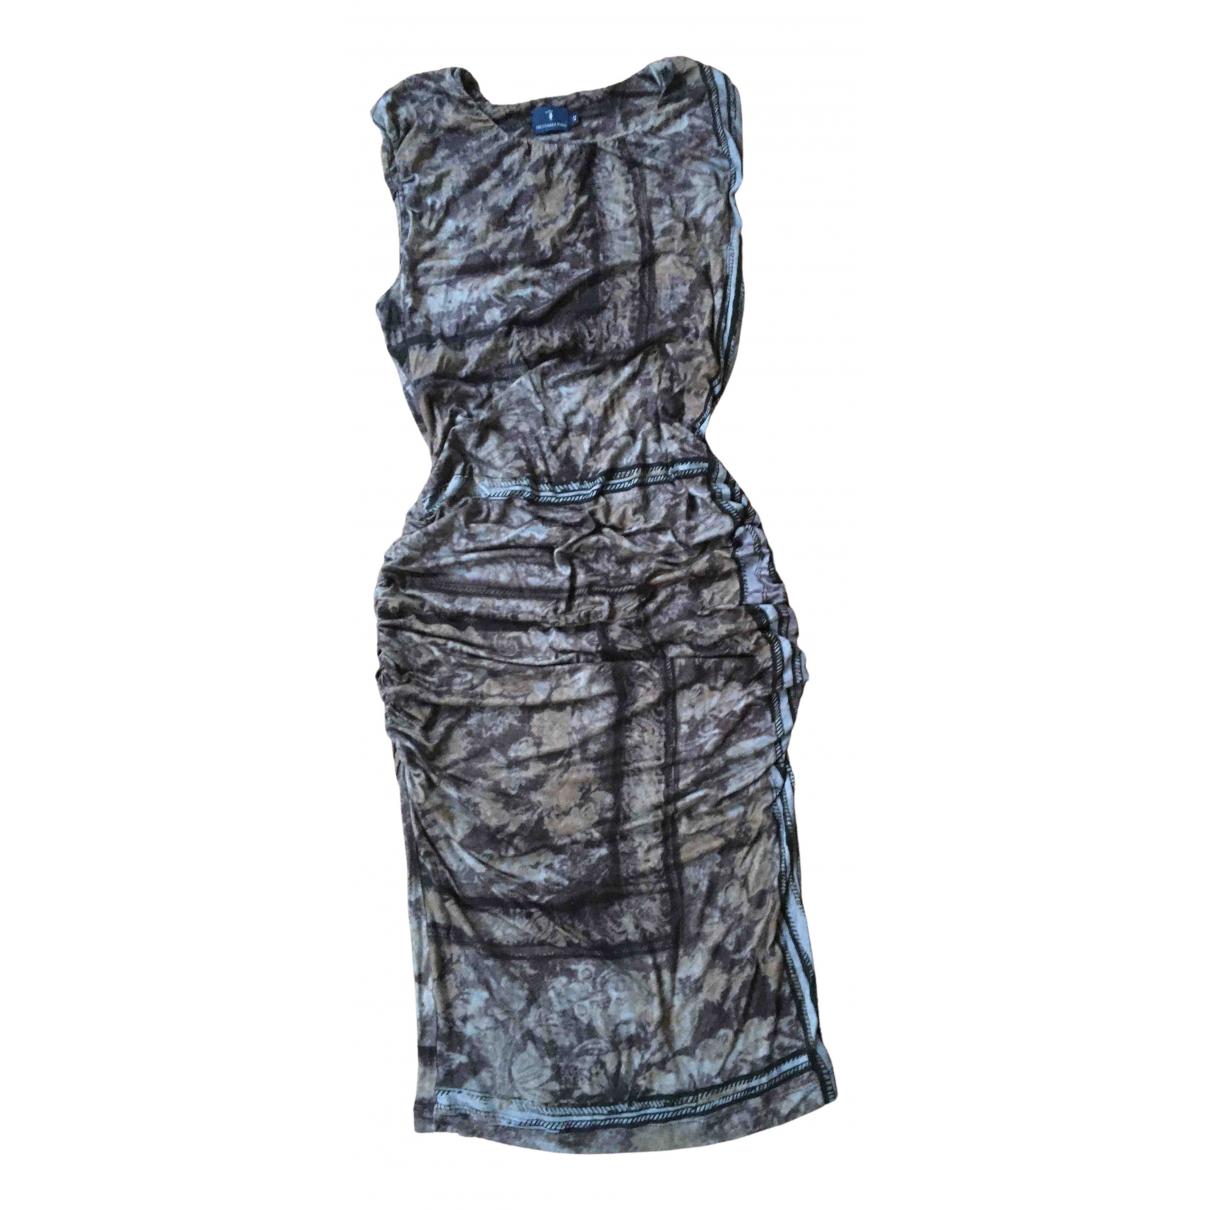 Trussardi Jean - Robe   pour femme en coton - elasthane - anthracite